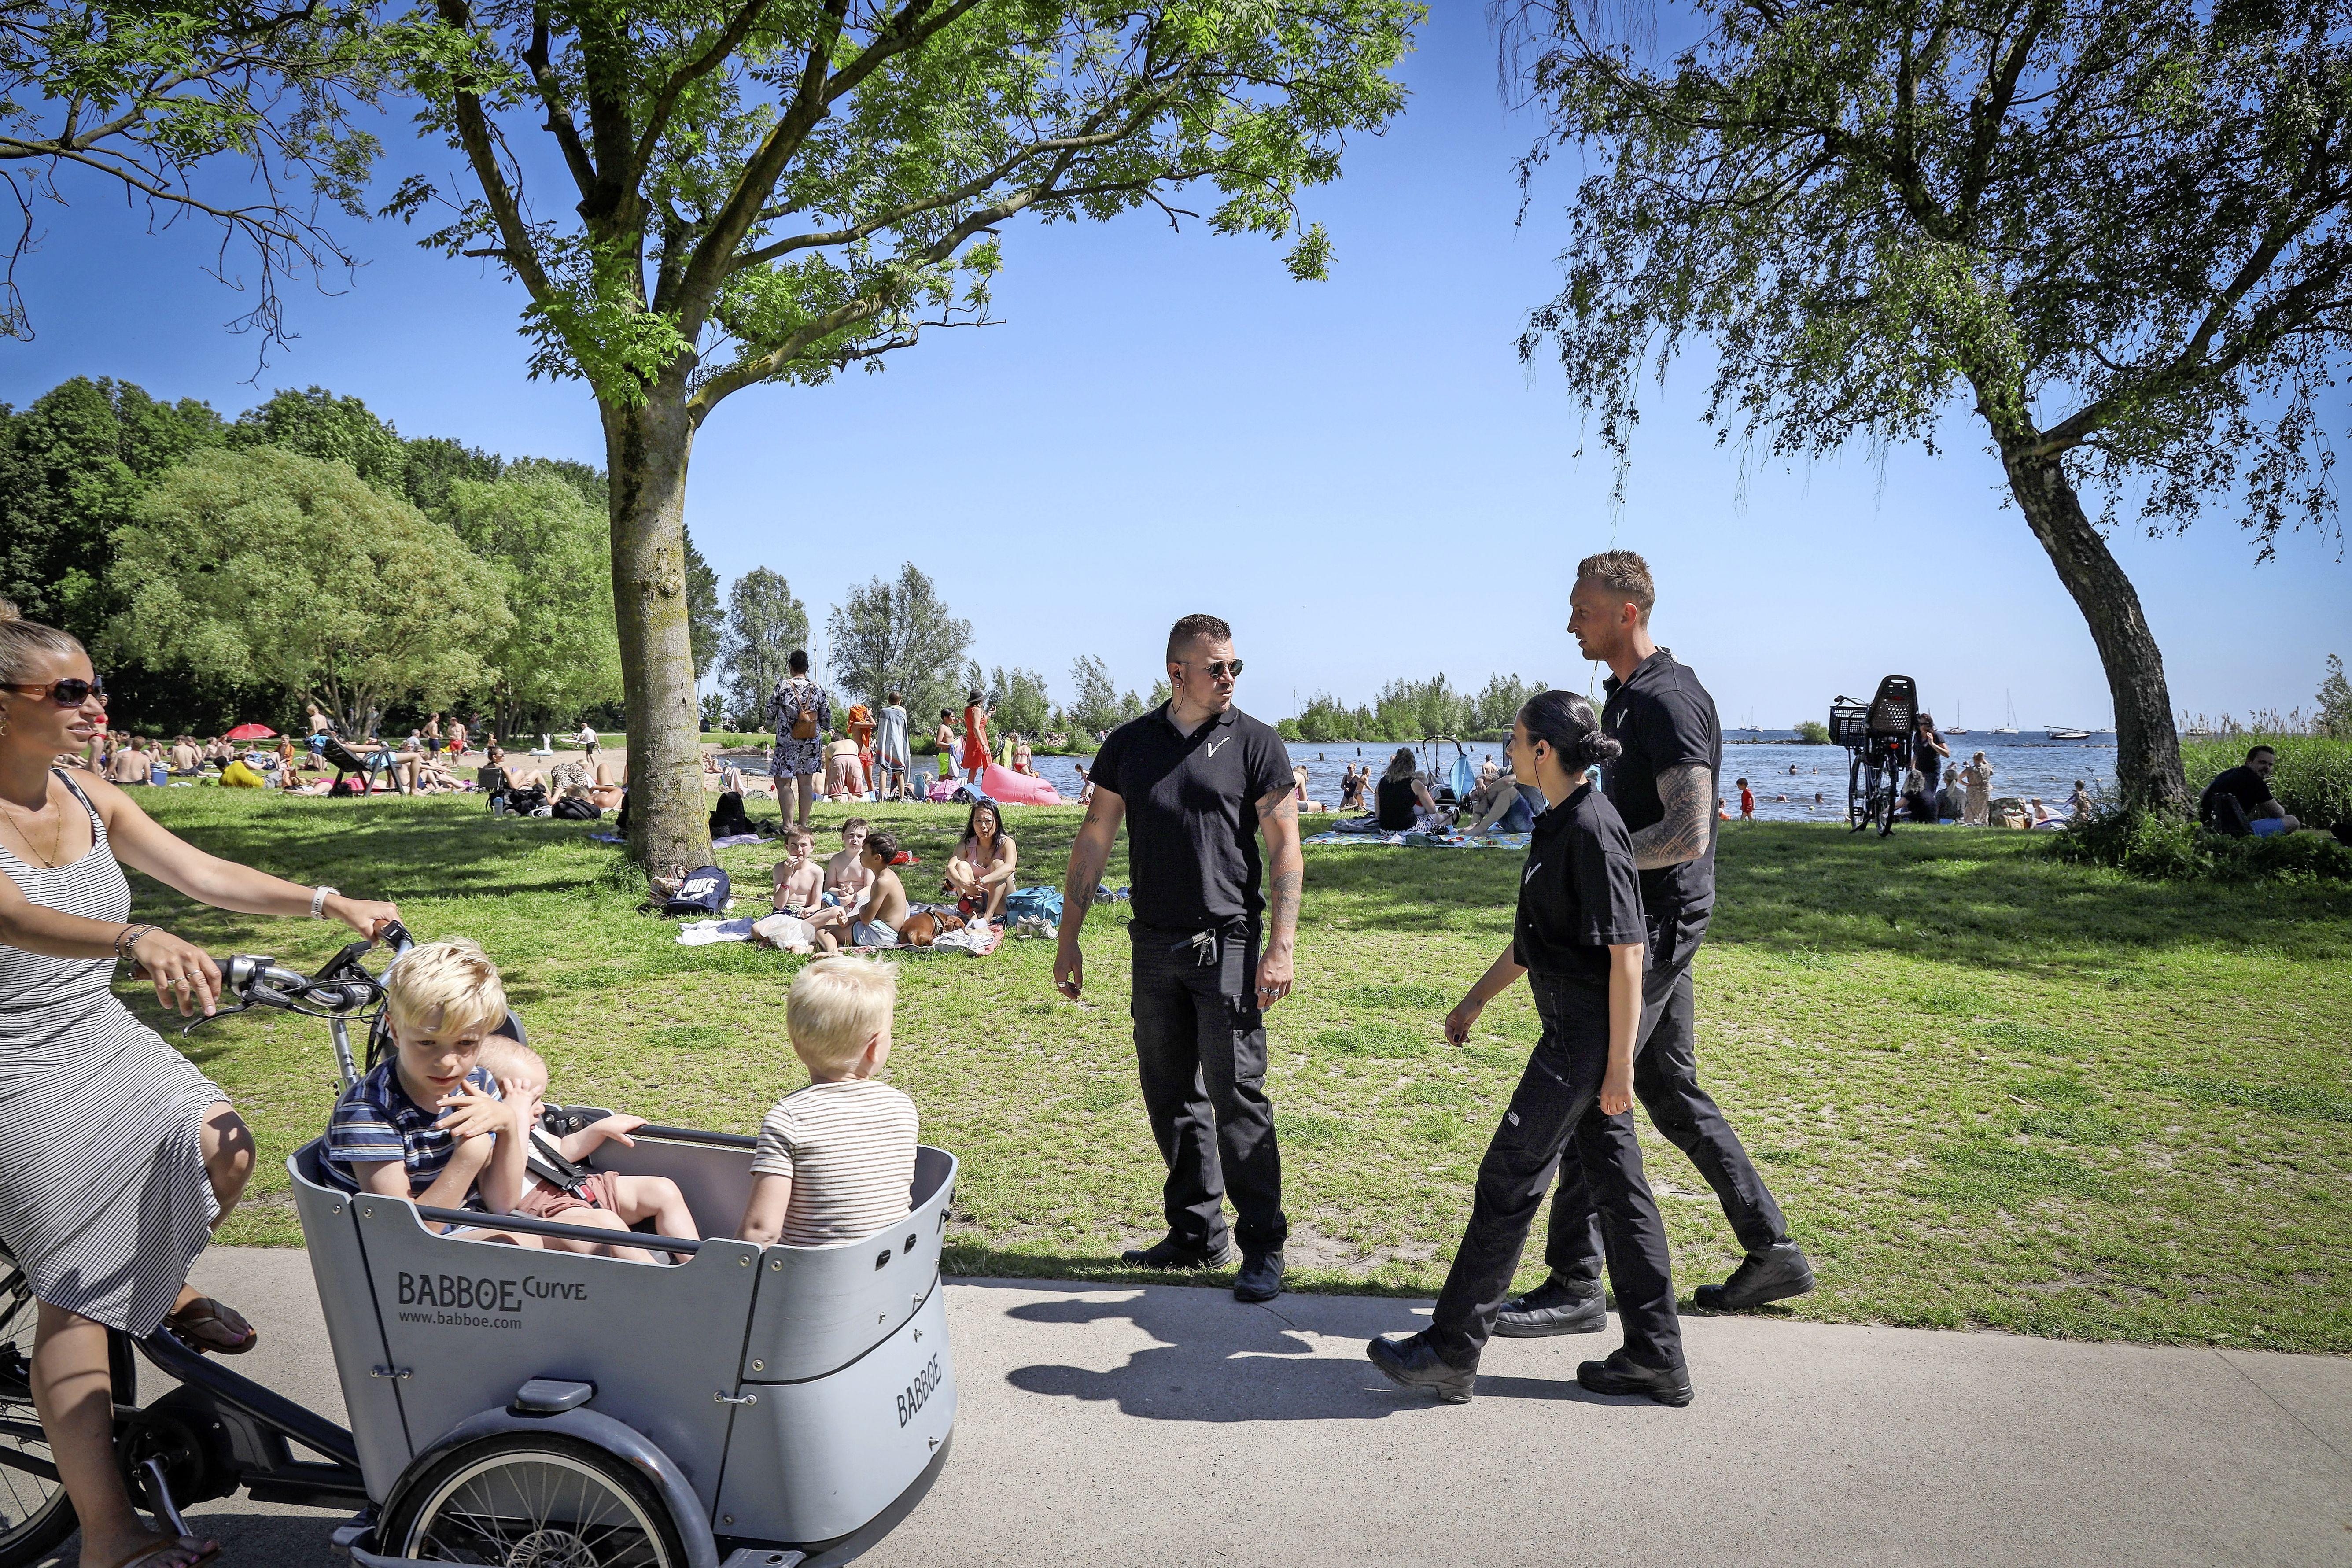 Vierentwintig boetes en een gebiedsverbod in Julianapark Hoorn: 'Er zullen meerdere grote acties volgen, vooral gericht op grote en intimiderende overlast'